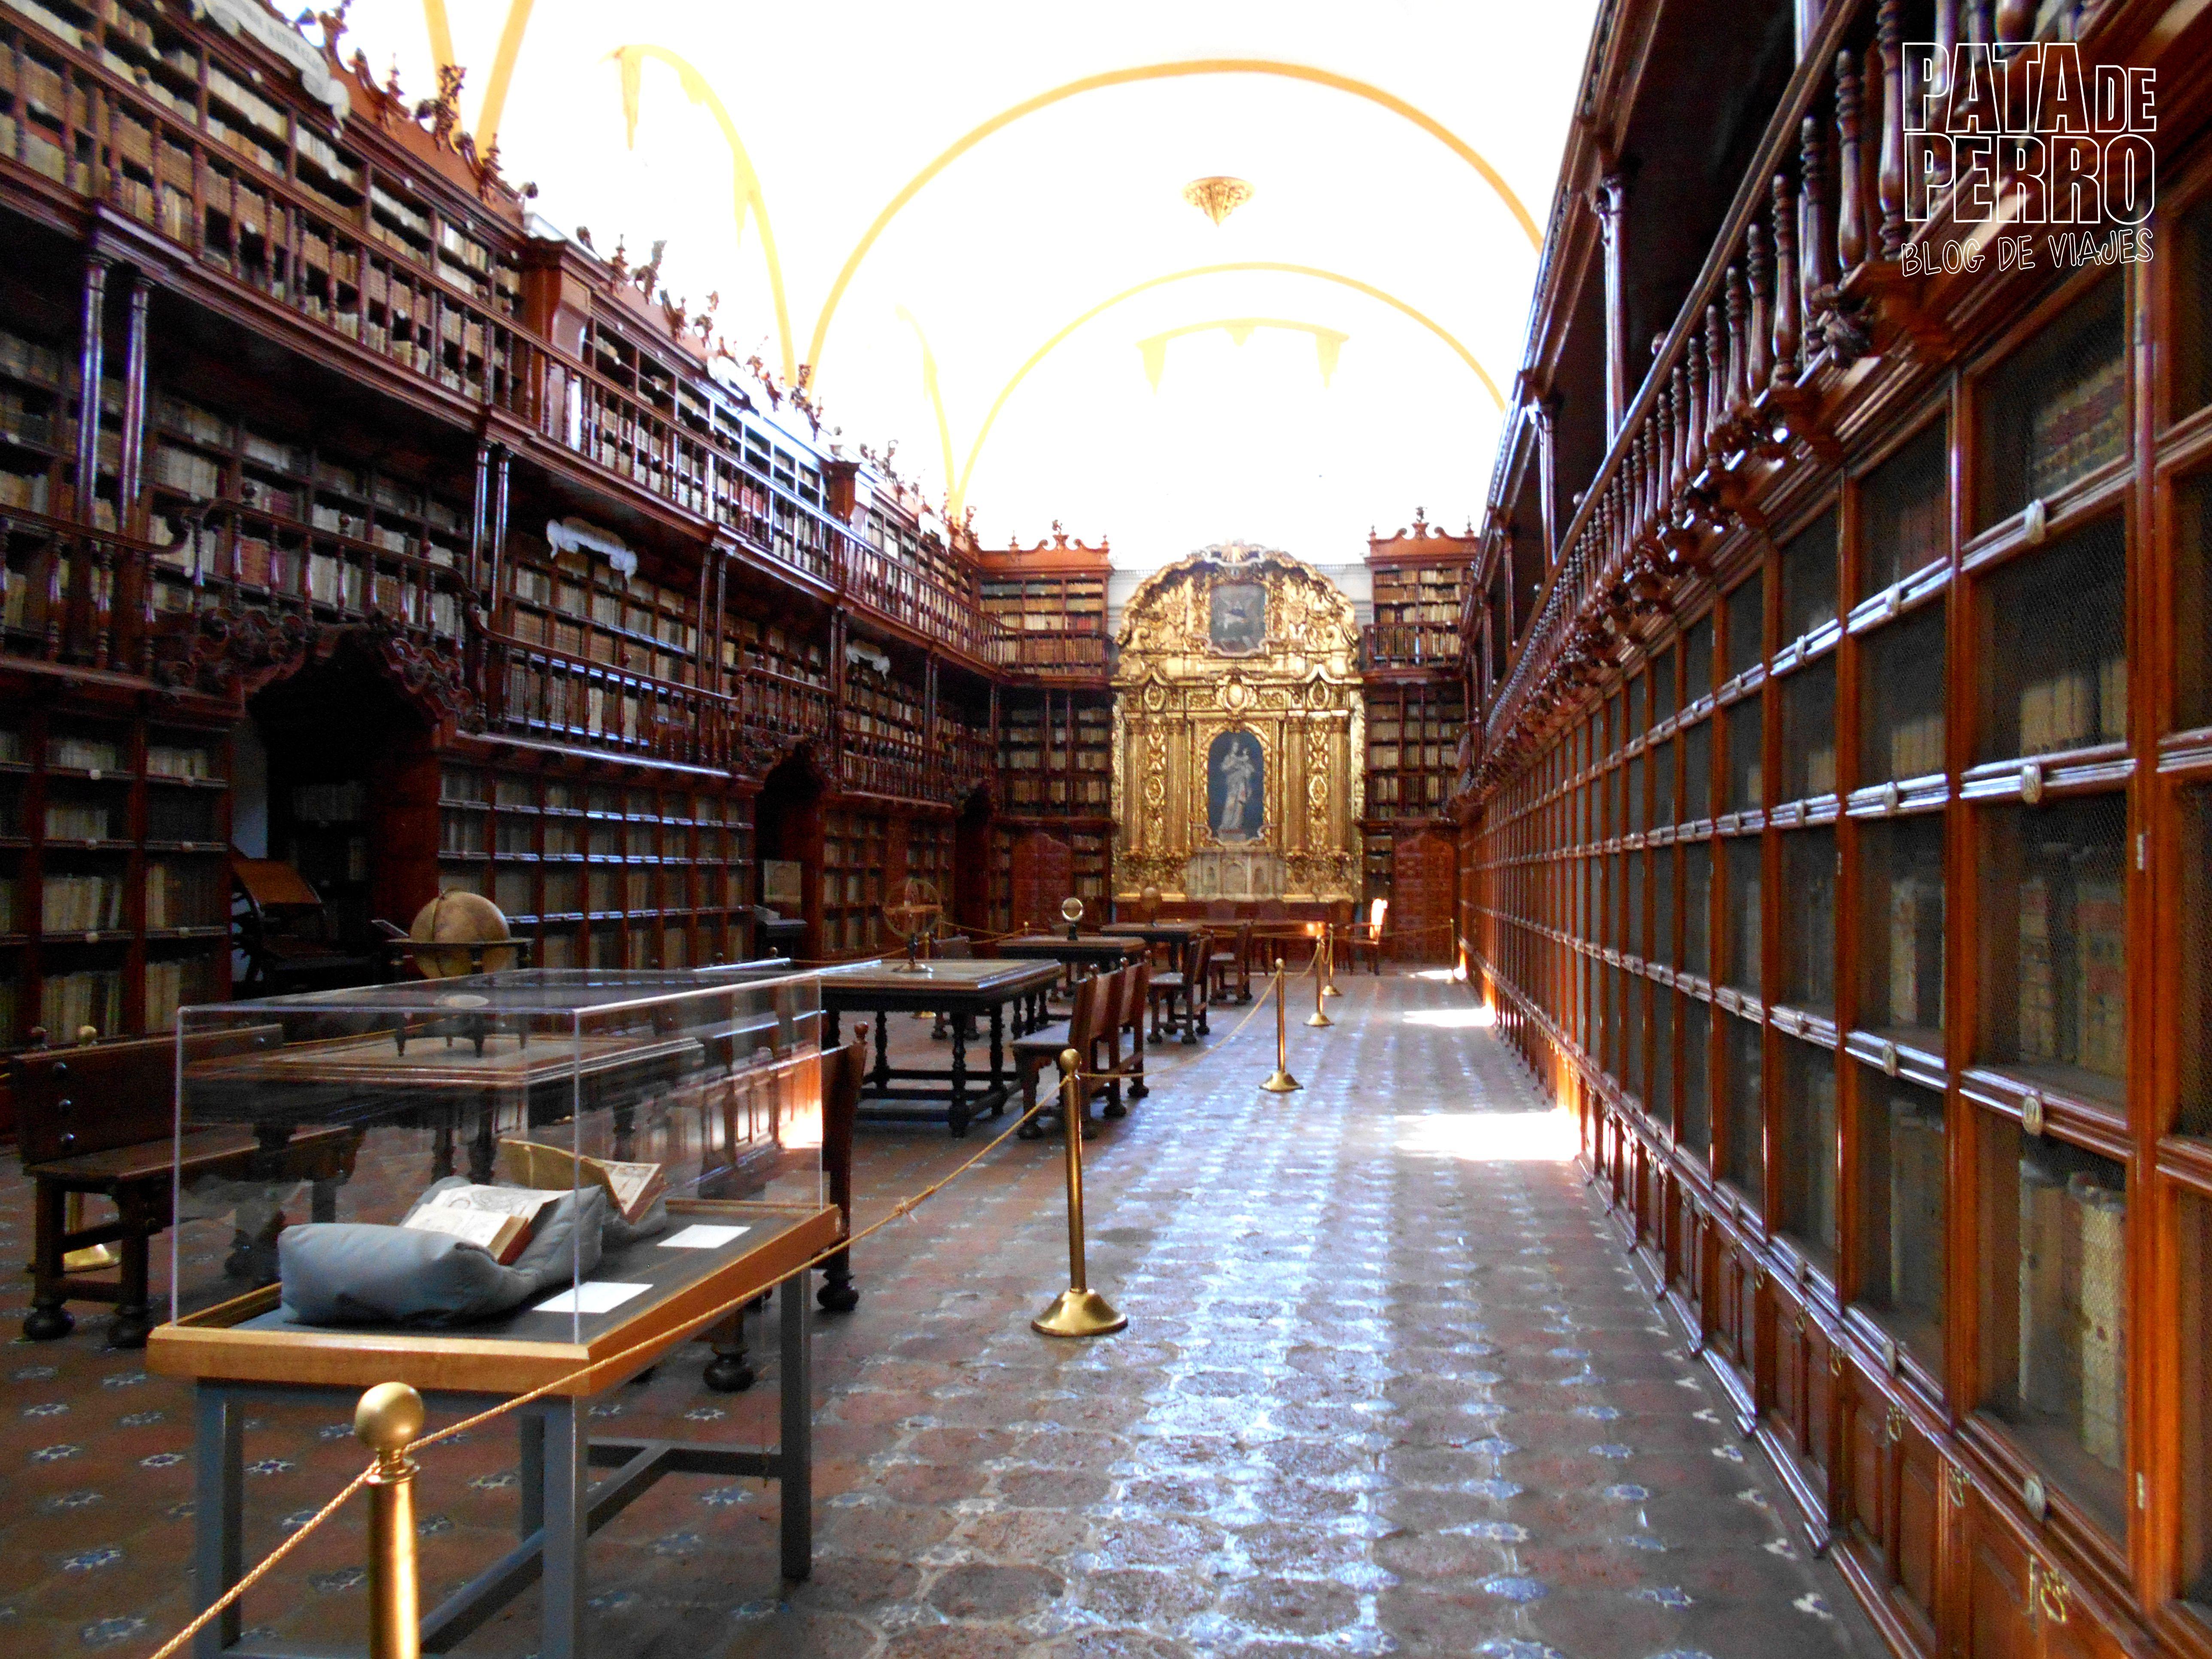 biblioteca-palafoxiana-la-primera-biblioteca-publica-de-america-pata-de-perro-blog-de-viajes-puebla-mexico-03